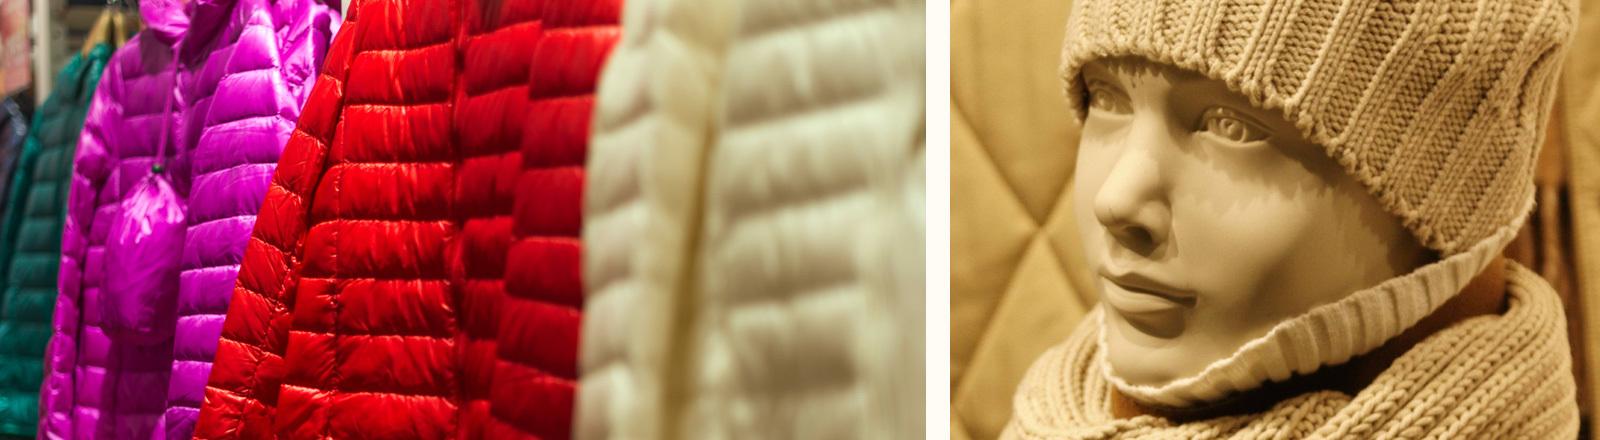 Wintermäntel an der Stange und eine Schaufensterpuppe mit Mütze und Schal.